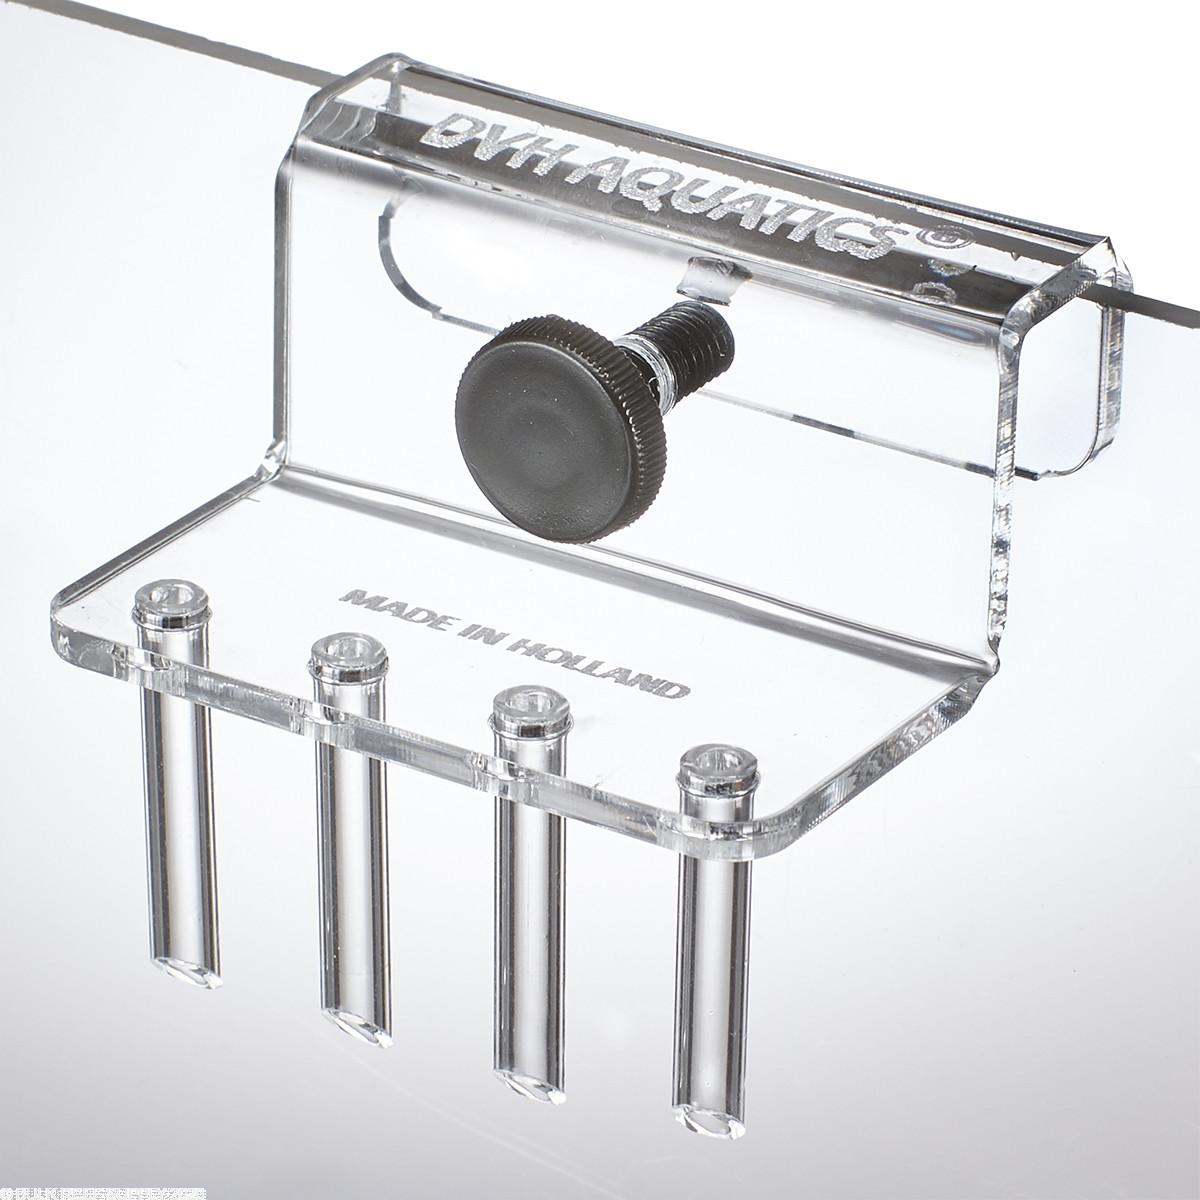 6 Tube Holder Holding Pipe Aquarium Additive Dosing Pump